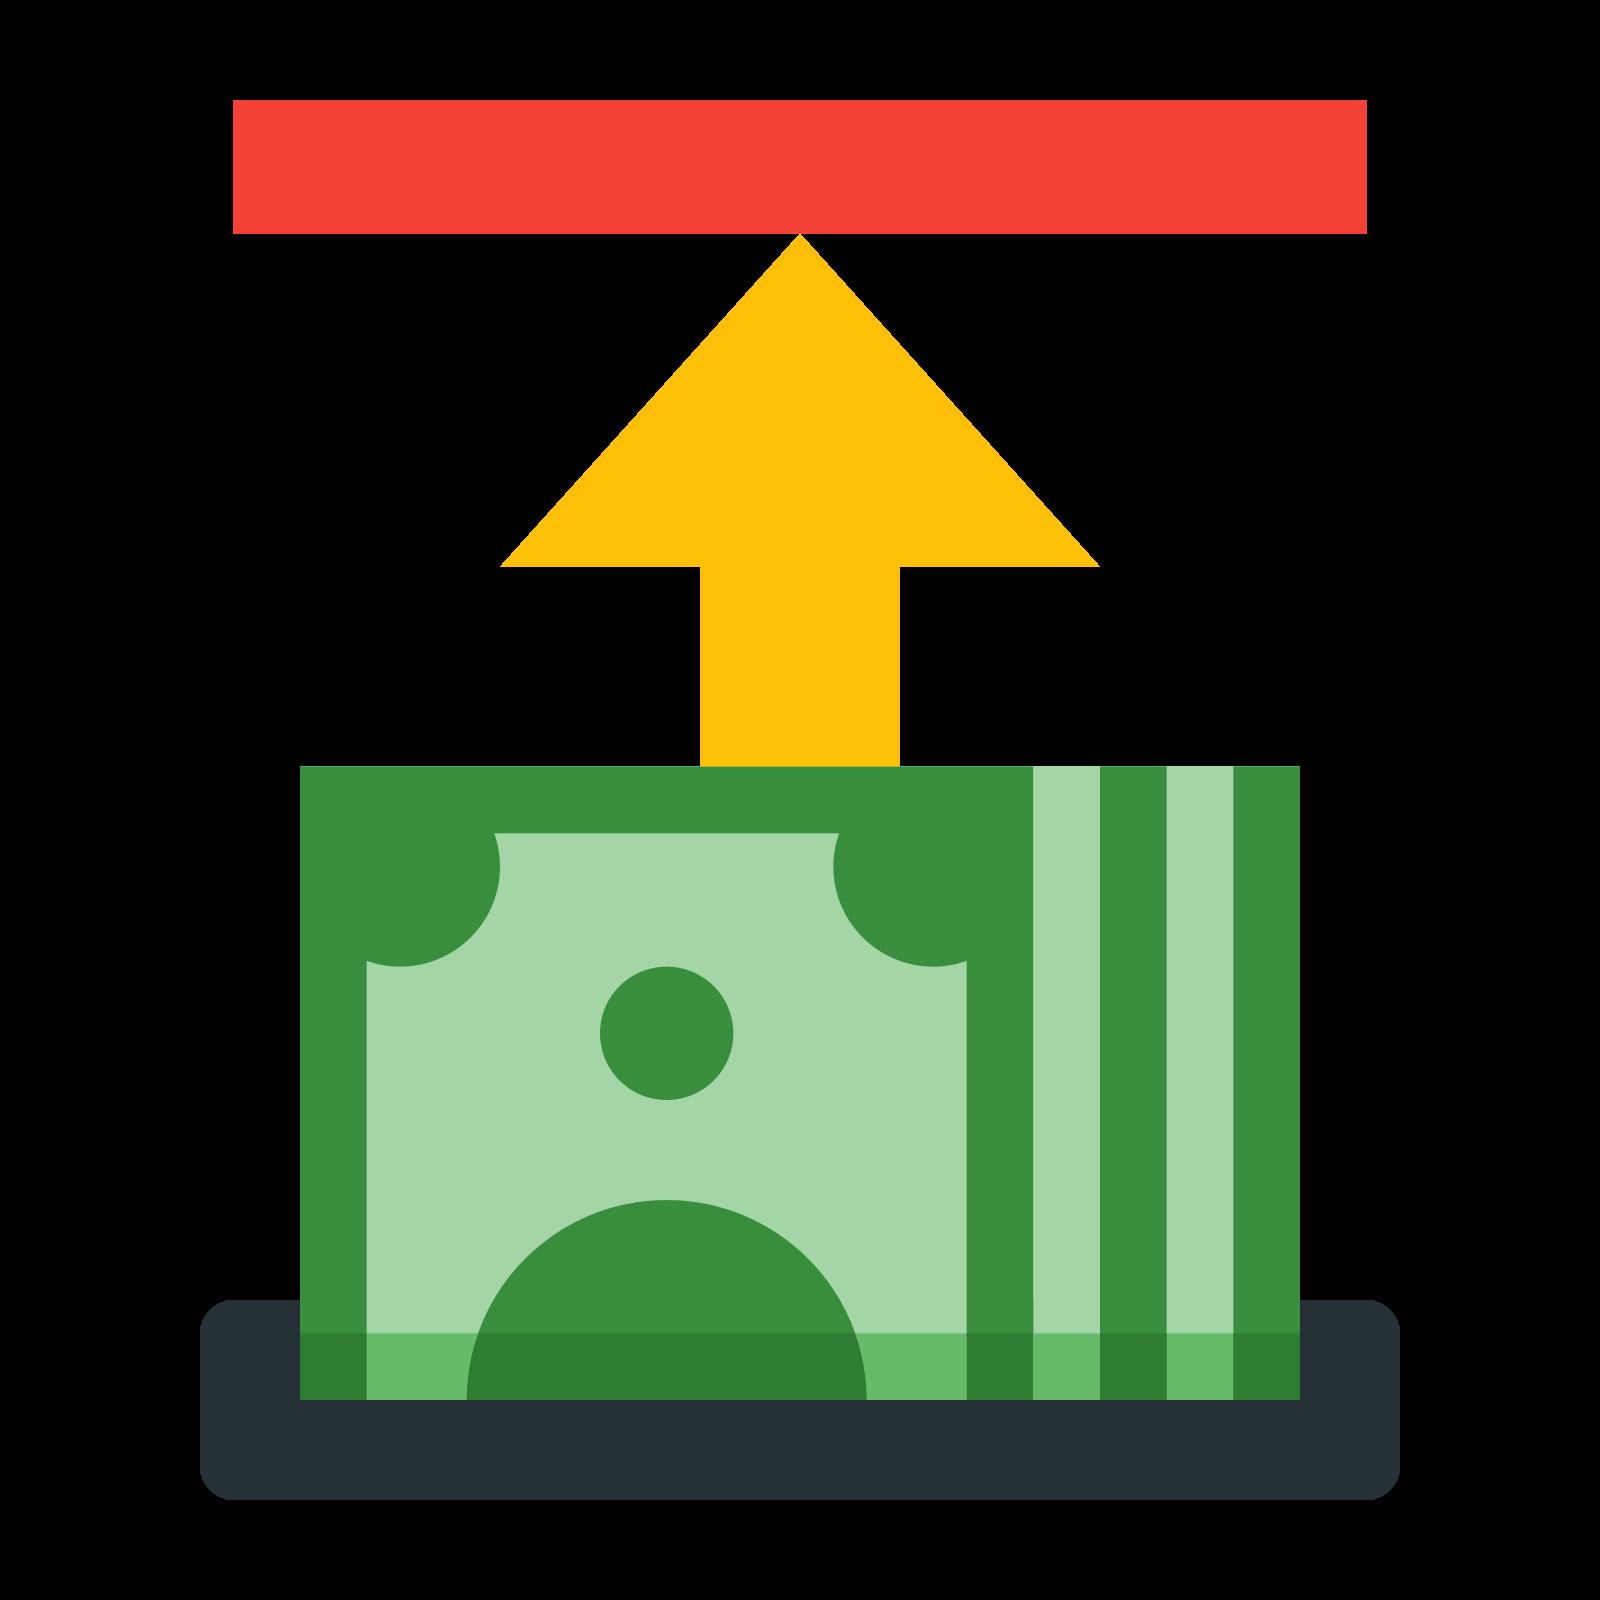 Cap - Es la máxima valuación a la cual la nota puede ser convertida a capital de la empresa, es decir, lo máximo que el inversionista podrá diluirse.